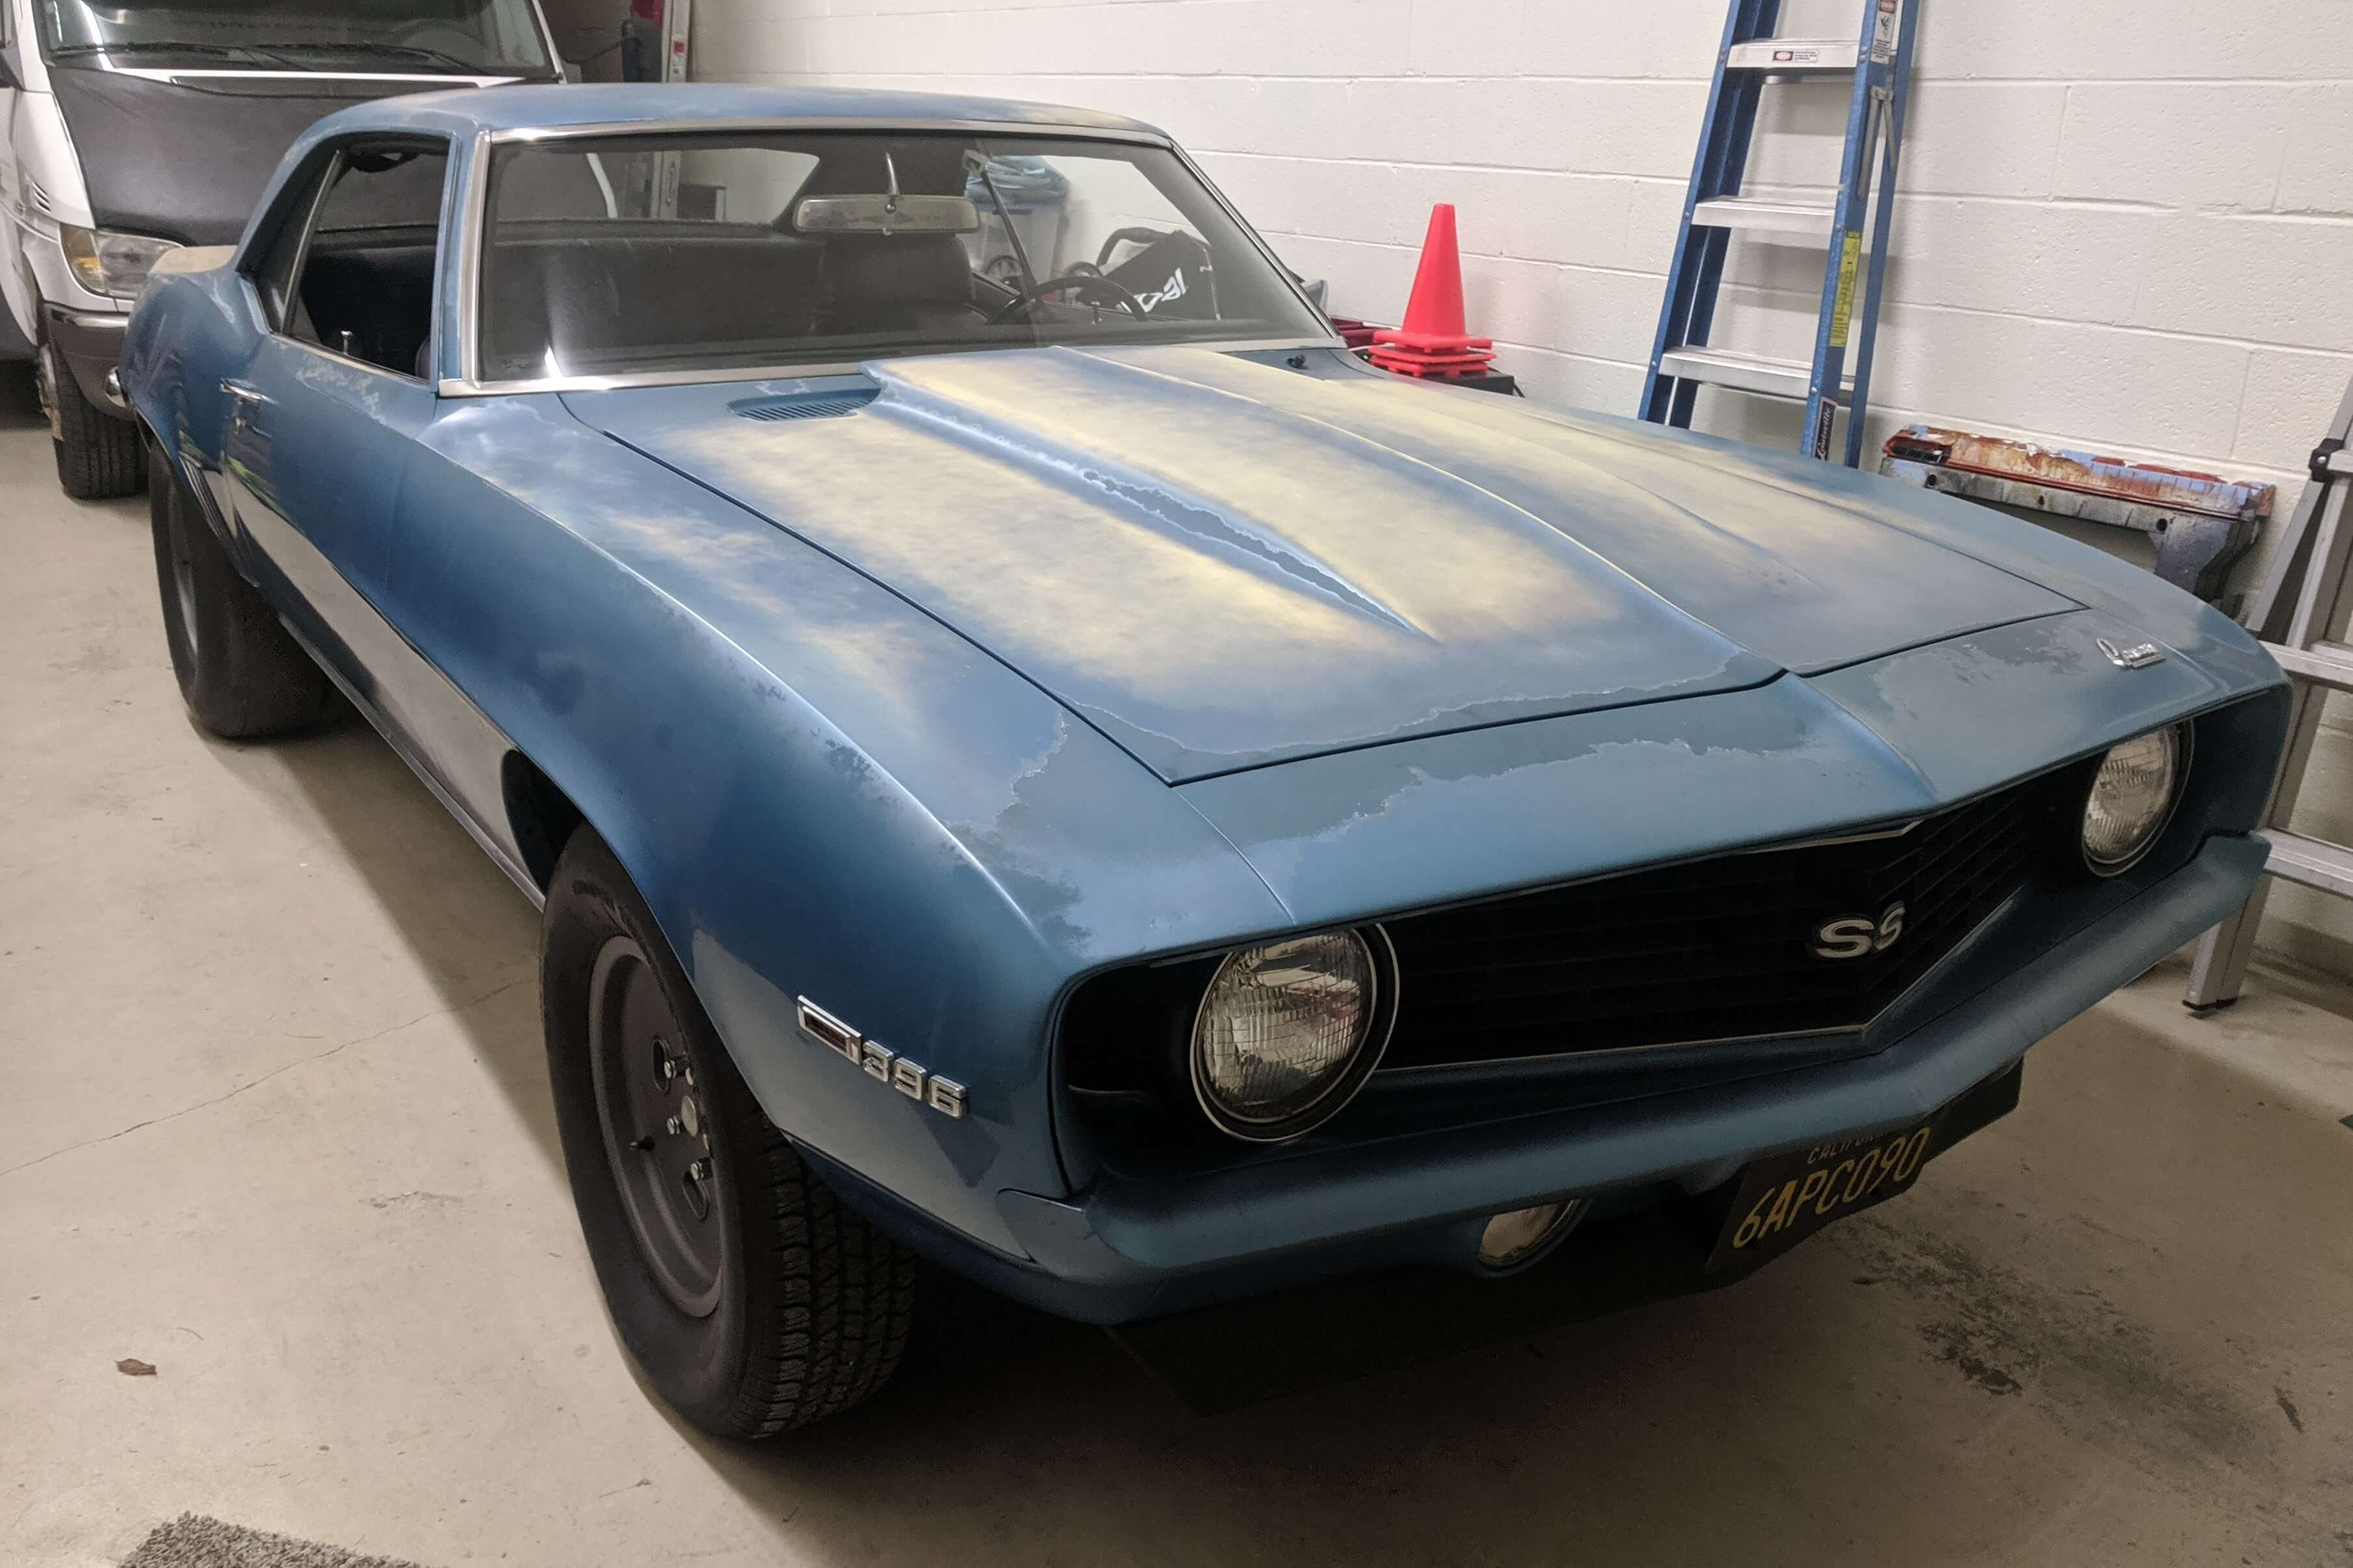 Scott's 1969 Chevrolet Camaro - Holley My Garage